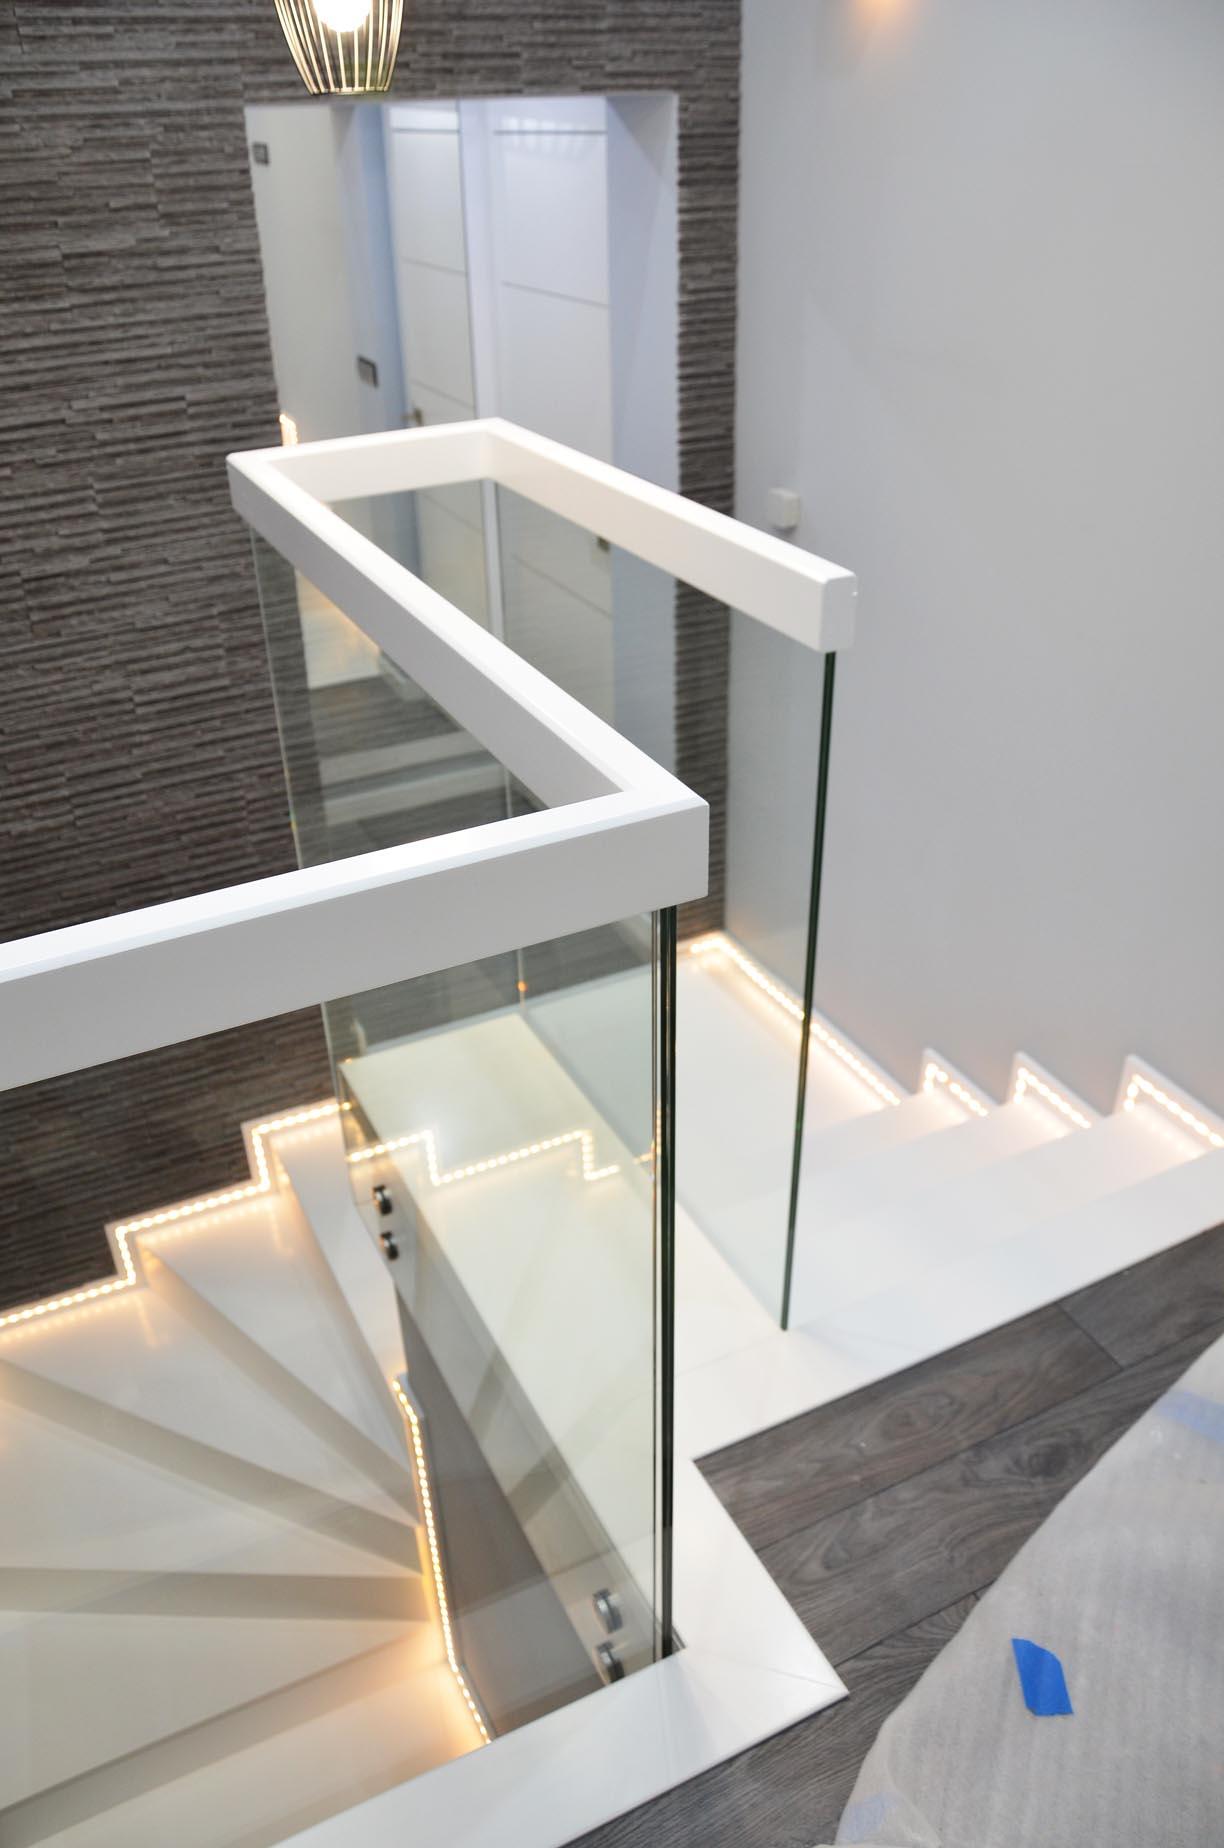 dz-dywanowe-na-beton-biale-4